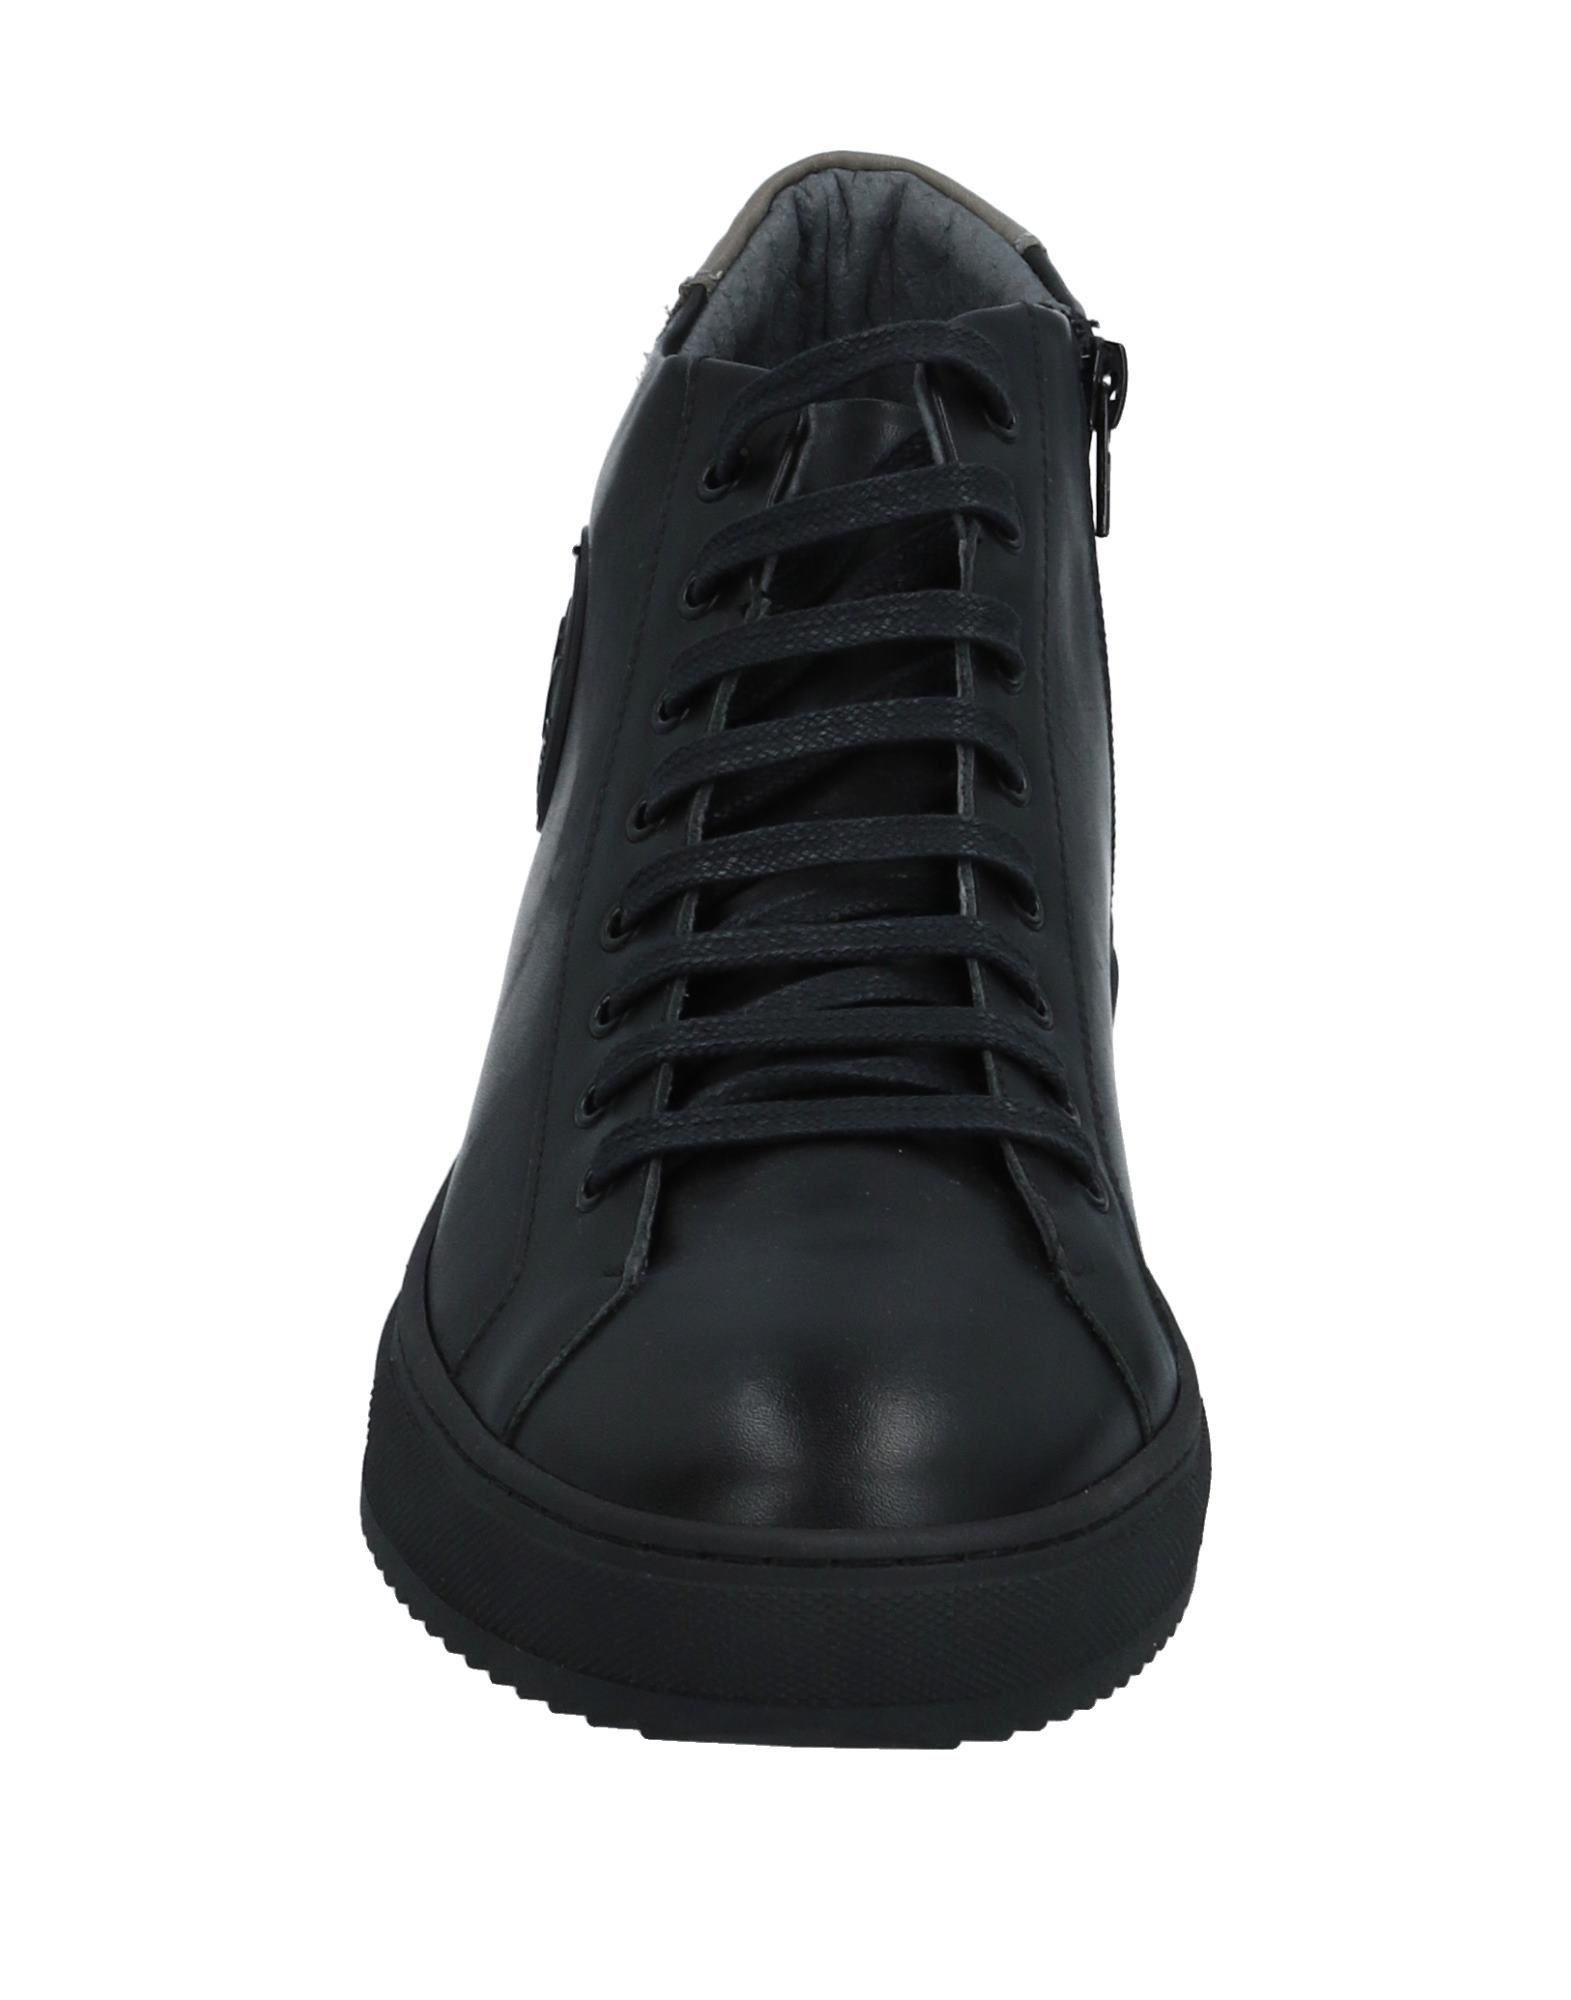 Rabatt echte Schuhe Herren Primo Emporio Sneakers Herren Schuhe  11516736JN 11414c